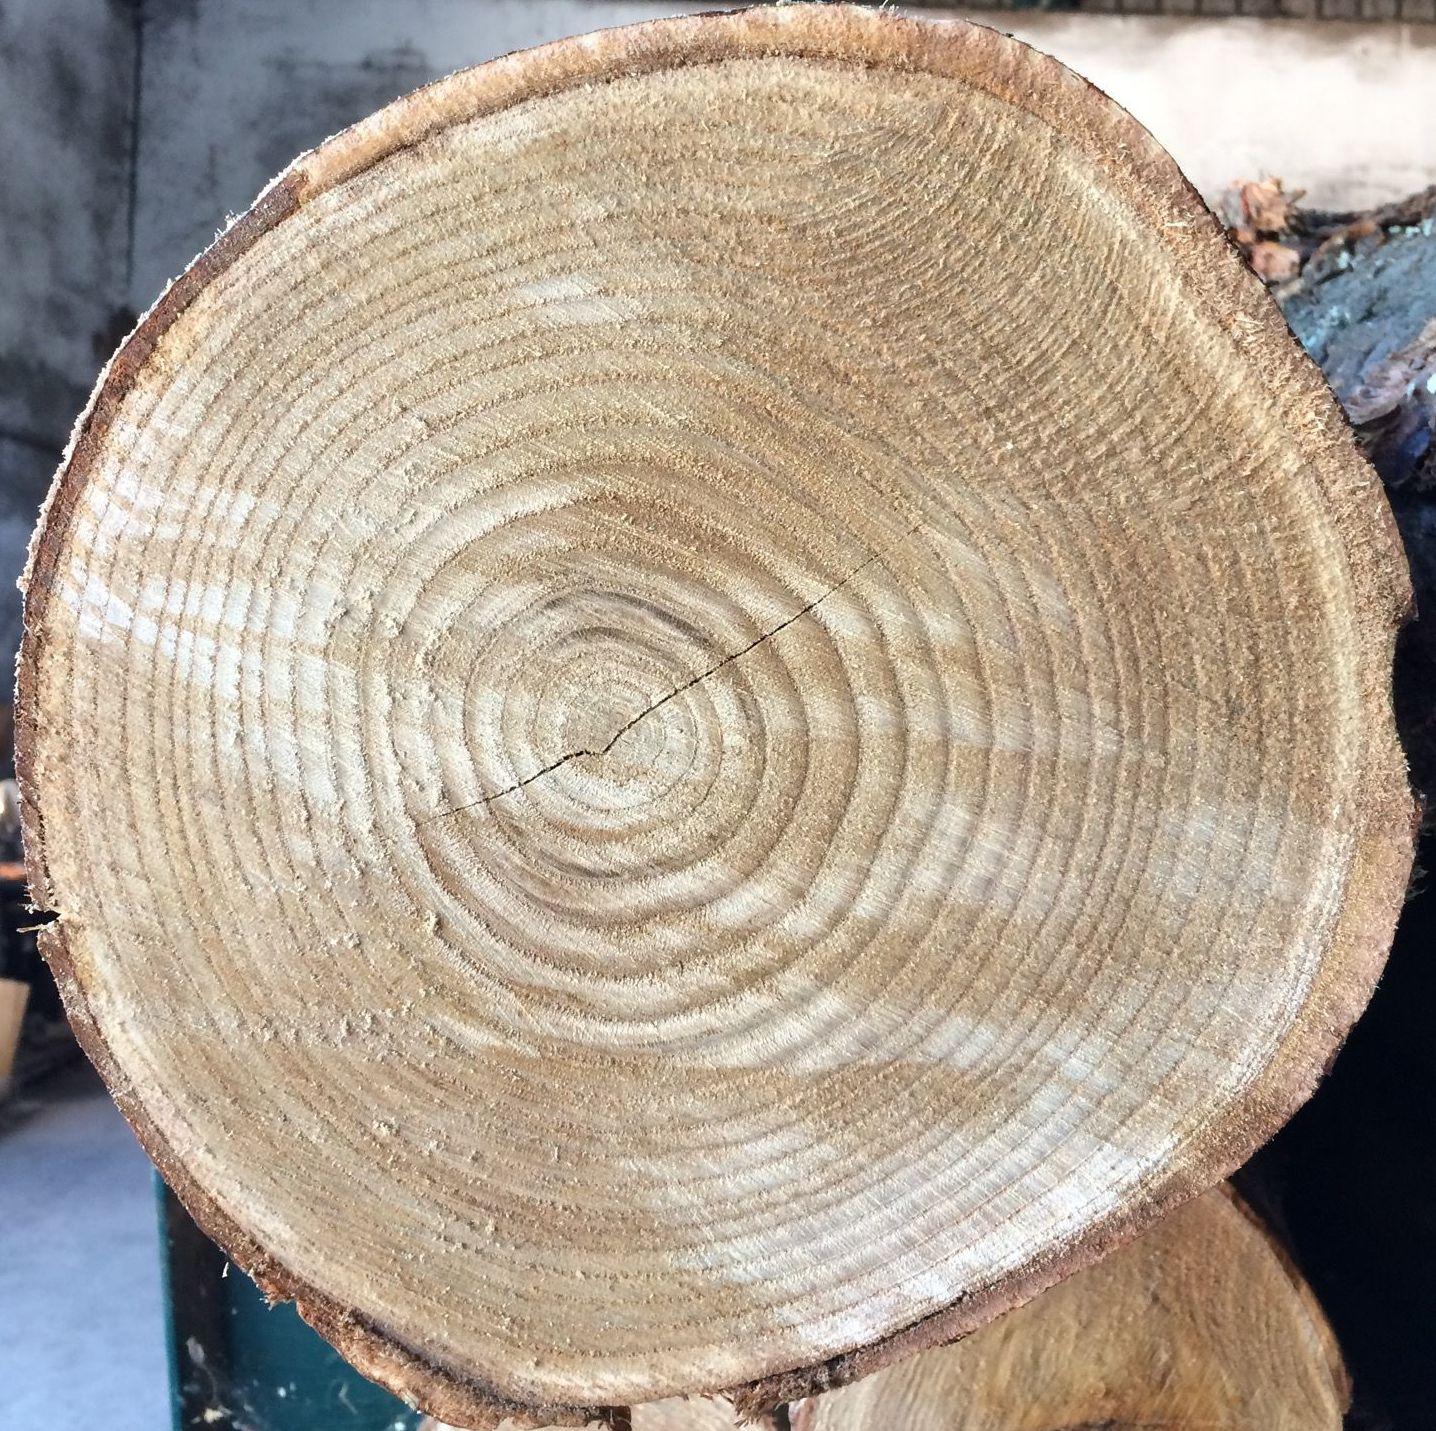 Los anillos indican la edad del árbol